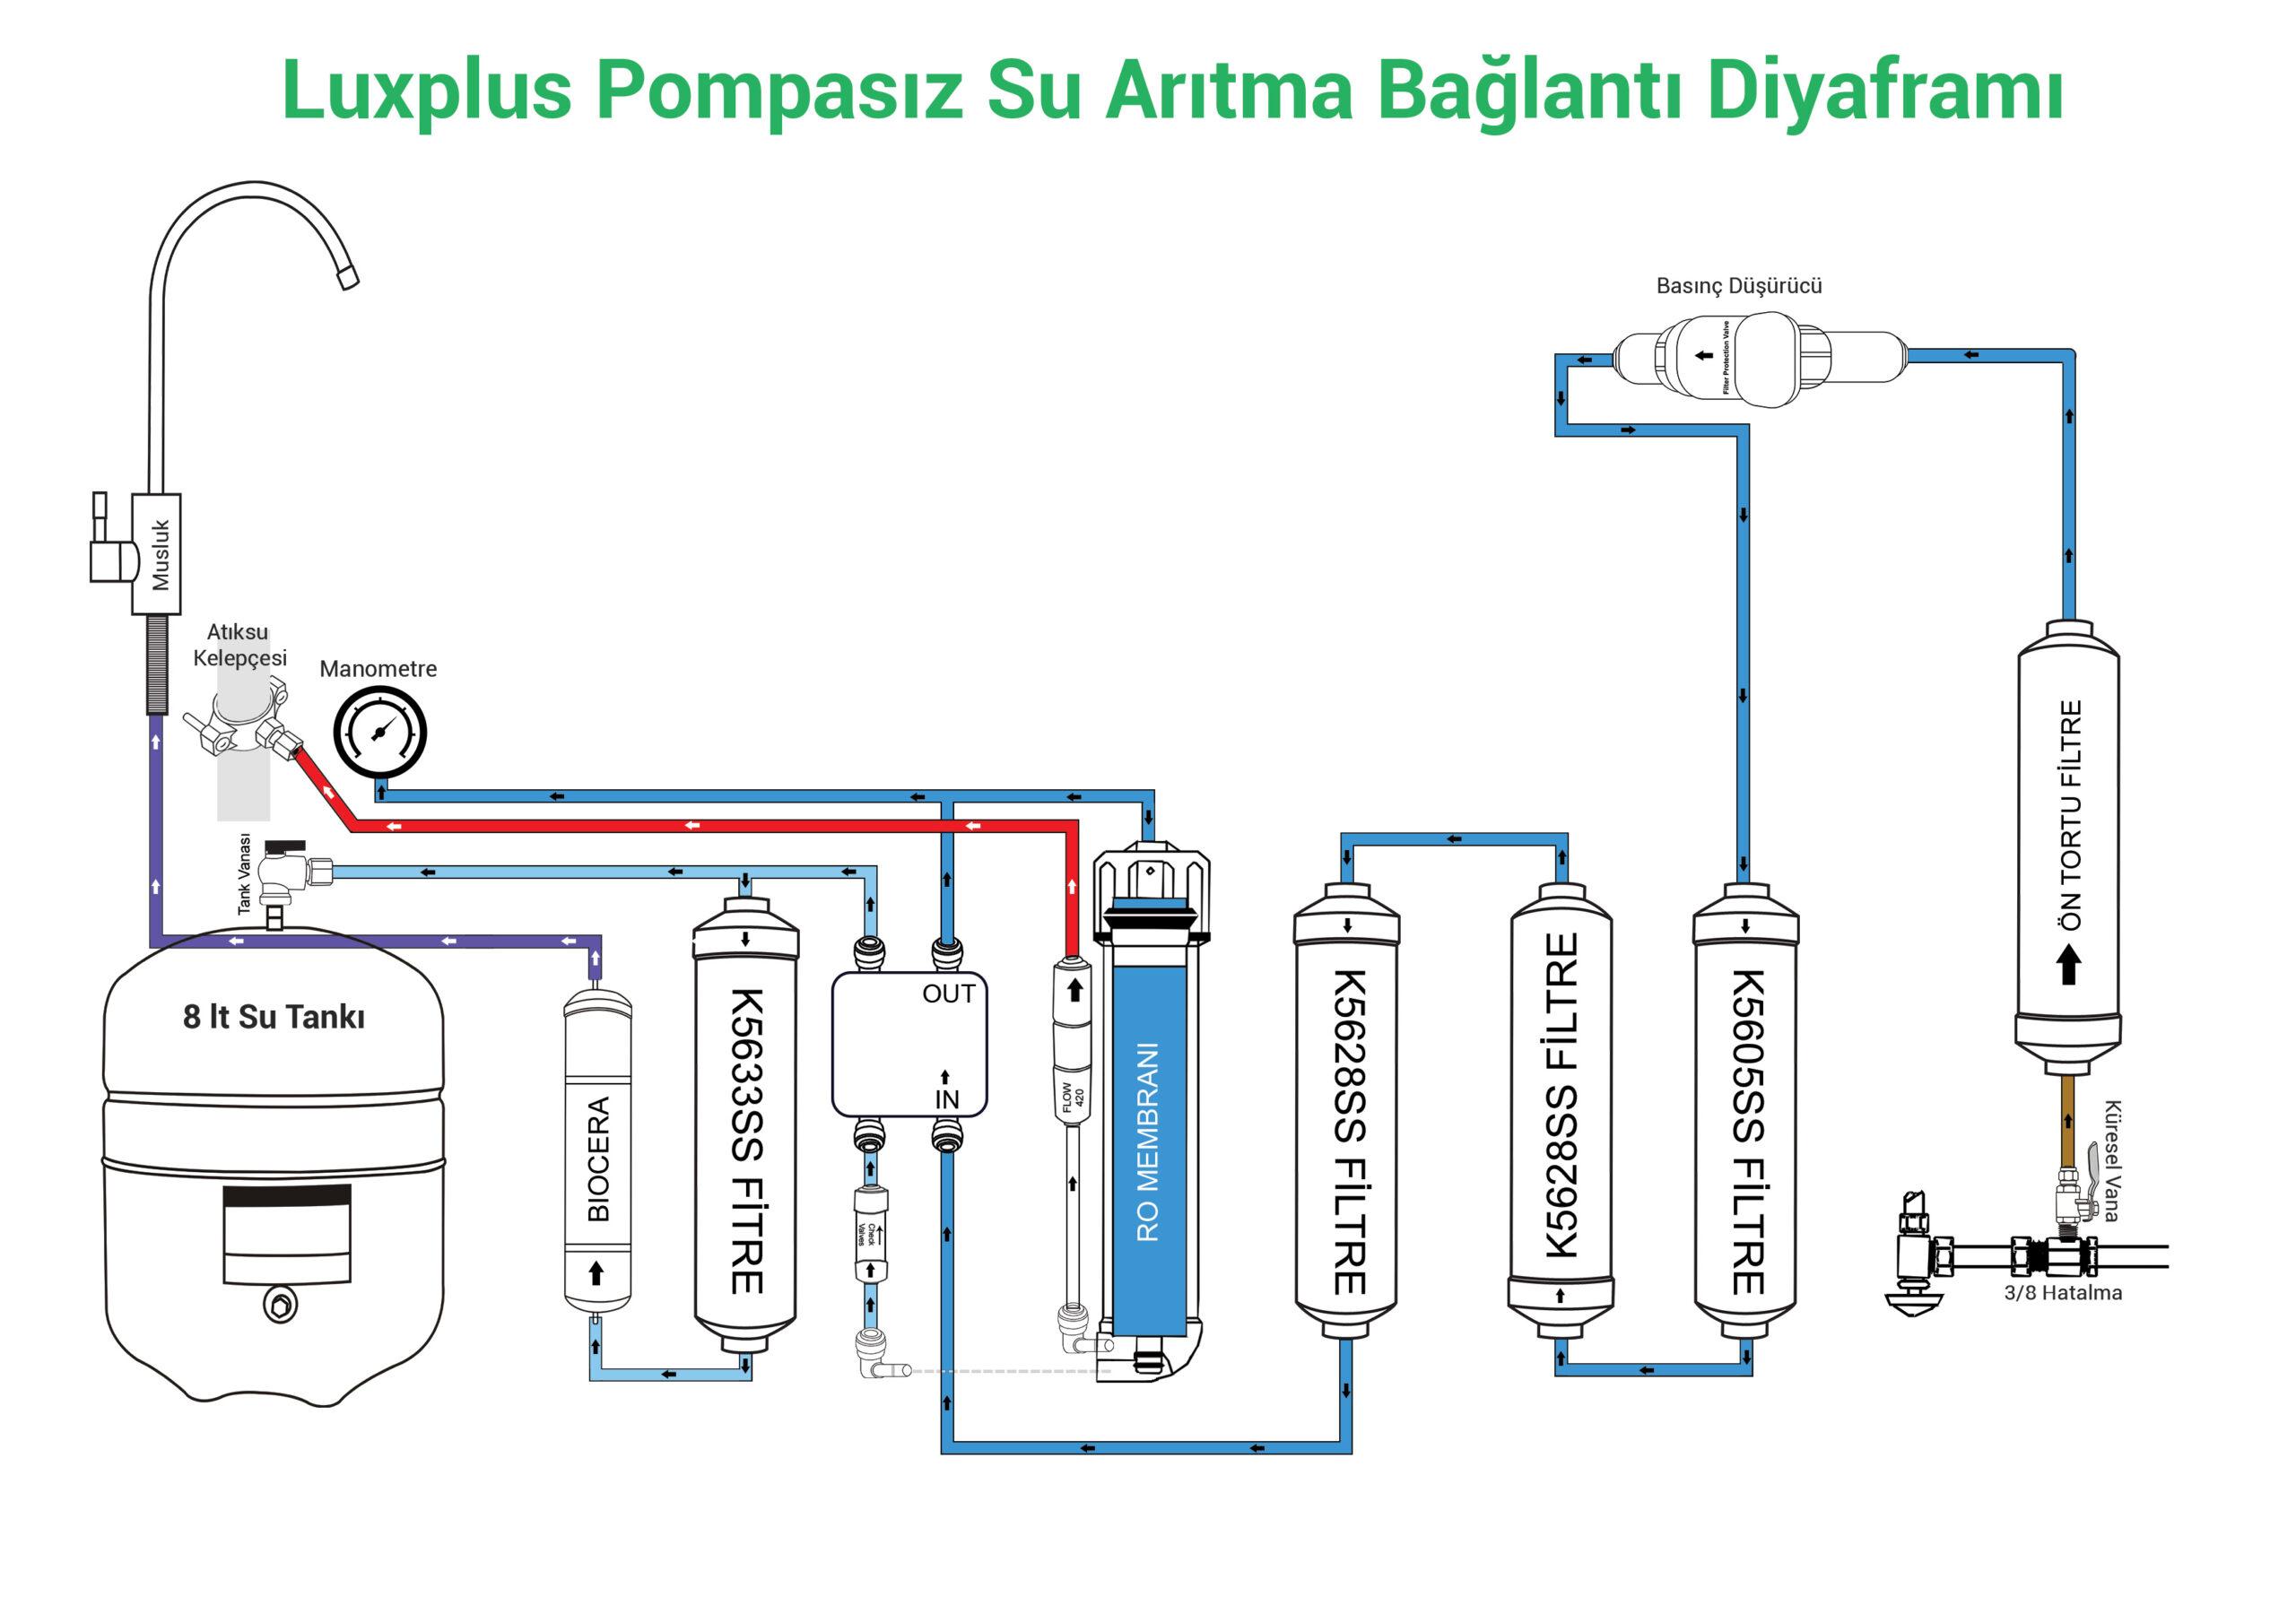 Luxplus pompasız su arıtma cihazı bağlantı şeması (diyaframı)